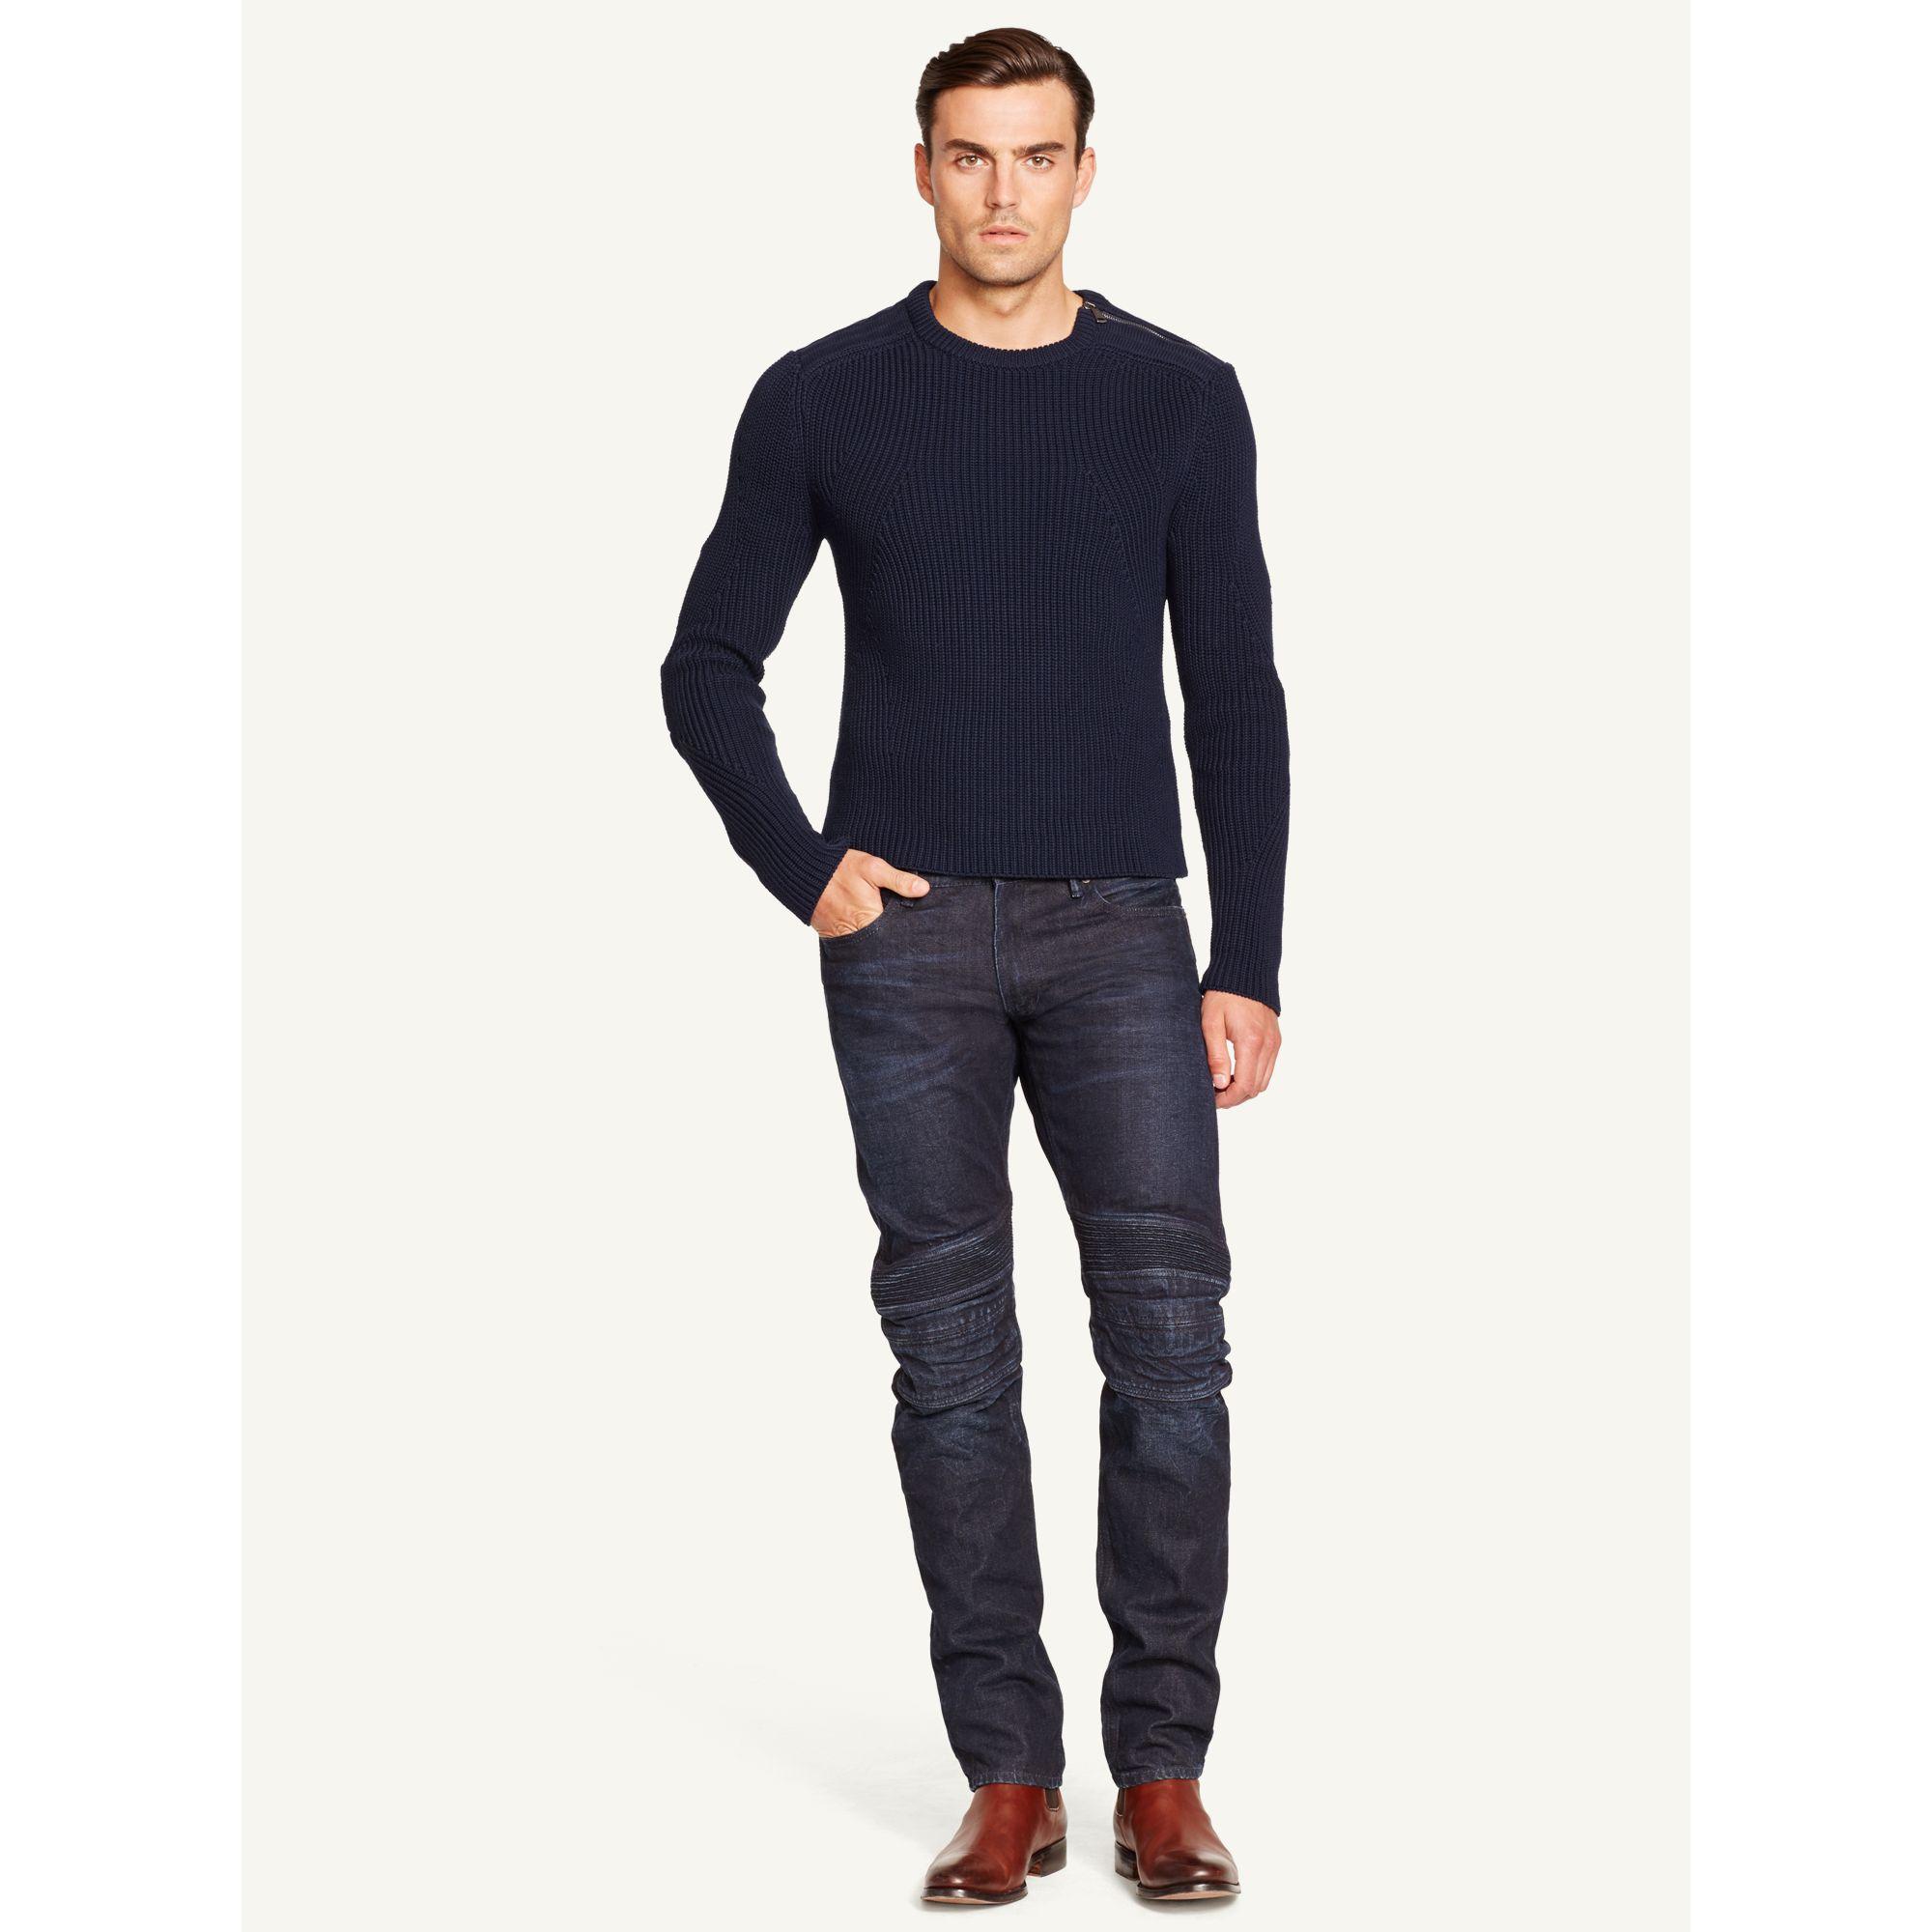 Ralph lauren black label Shoulder-Zip Sweater in Blue for Men (Aviator Navy) | Lyst